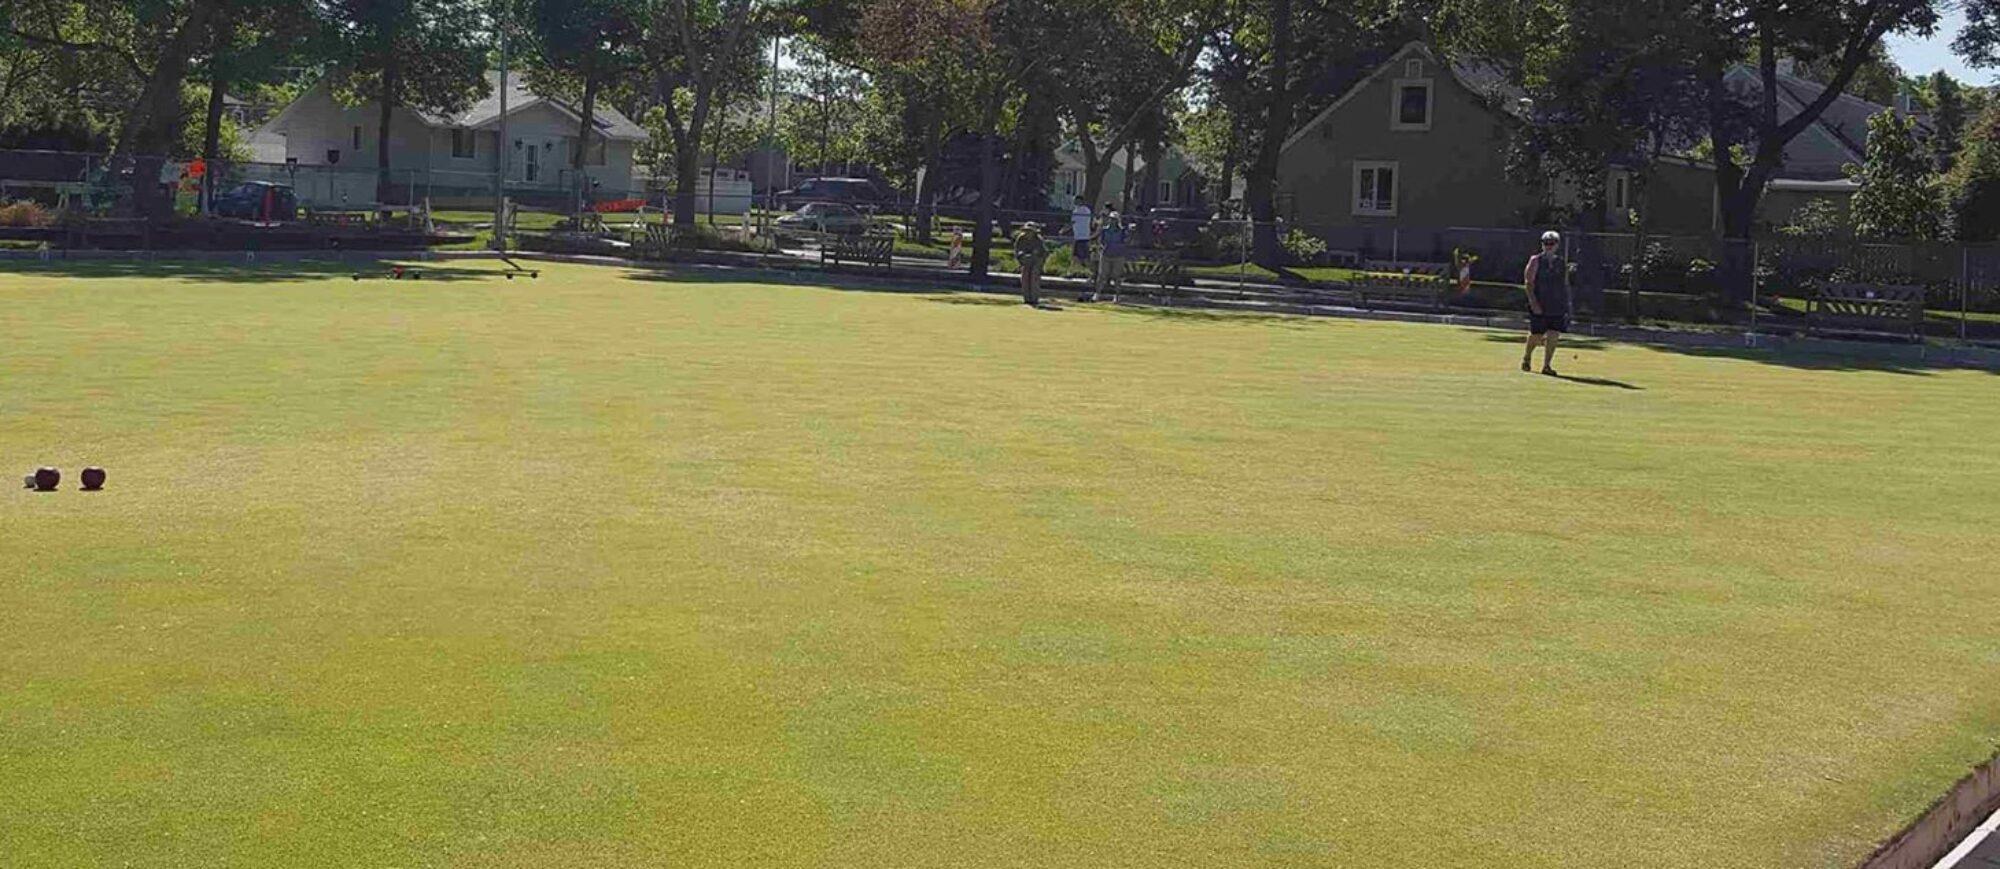 Highlands Lawn Bowling Club